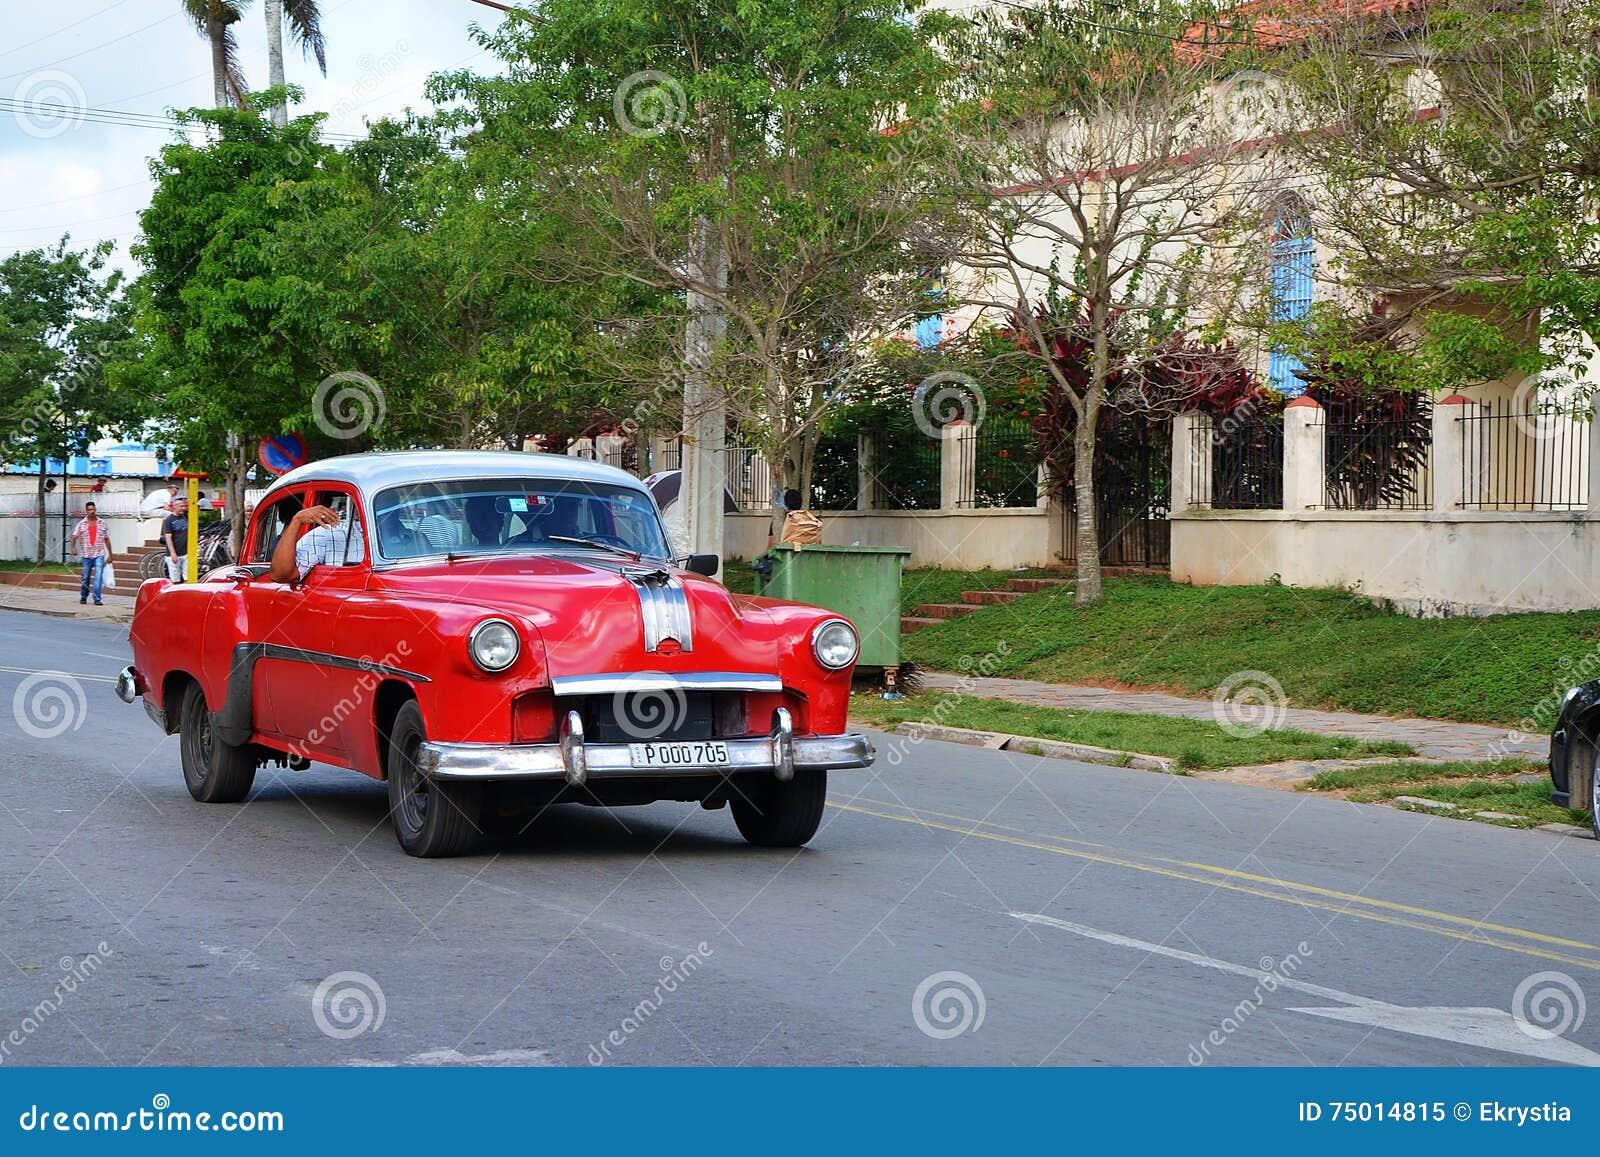 vieilles voitures am ricaines au cuba image ditorial image 75014815. Black Bedroom Furniture Sets. Home Design Ideas